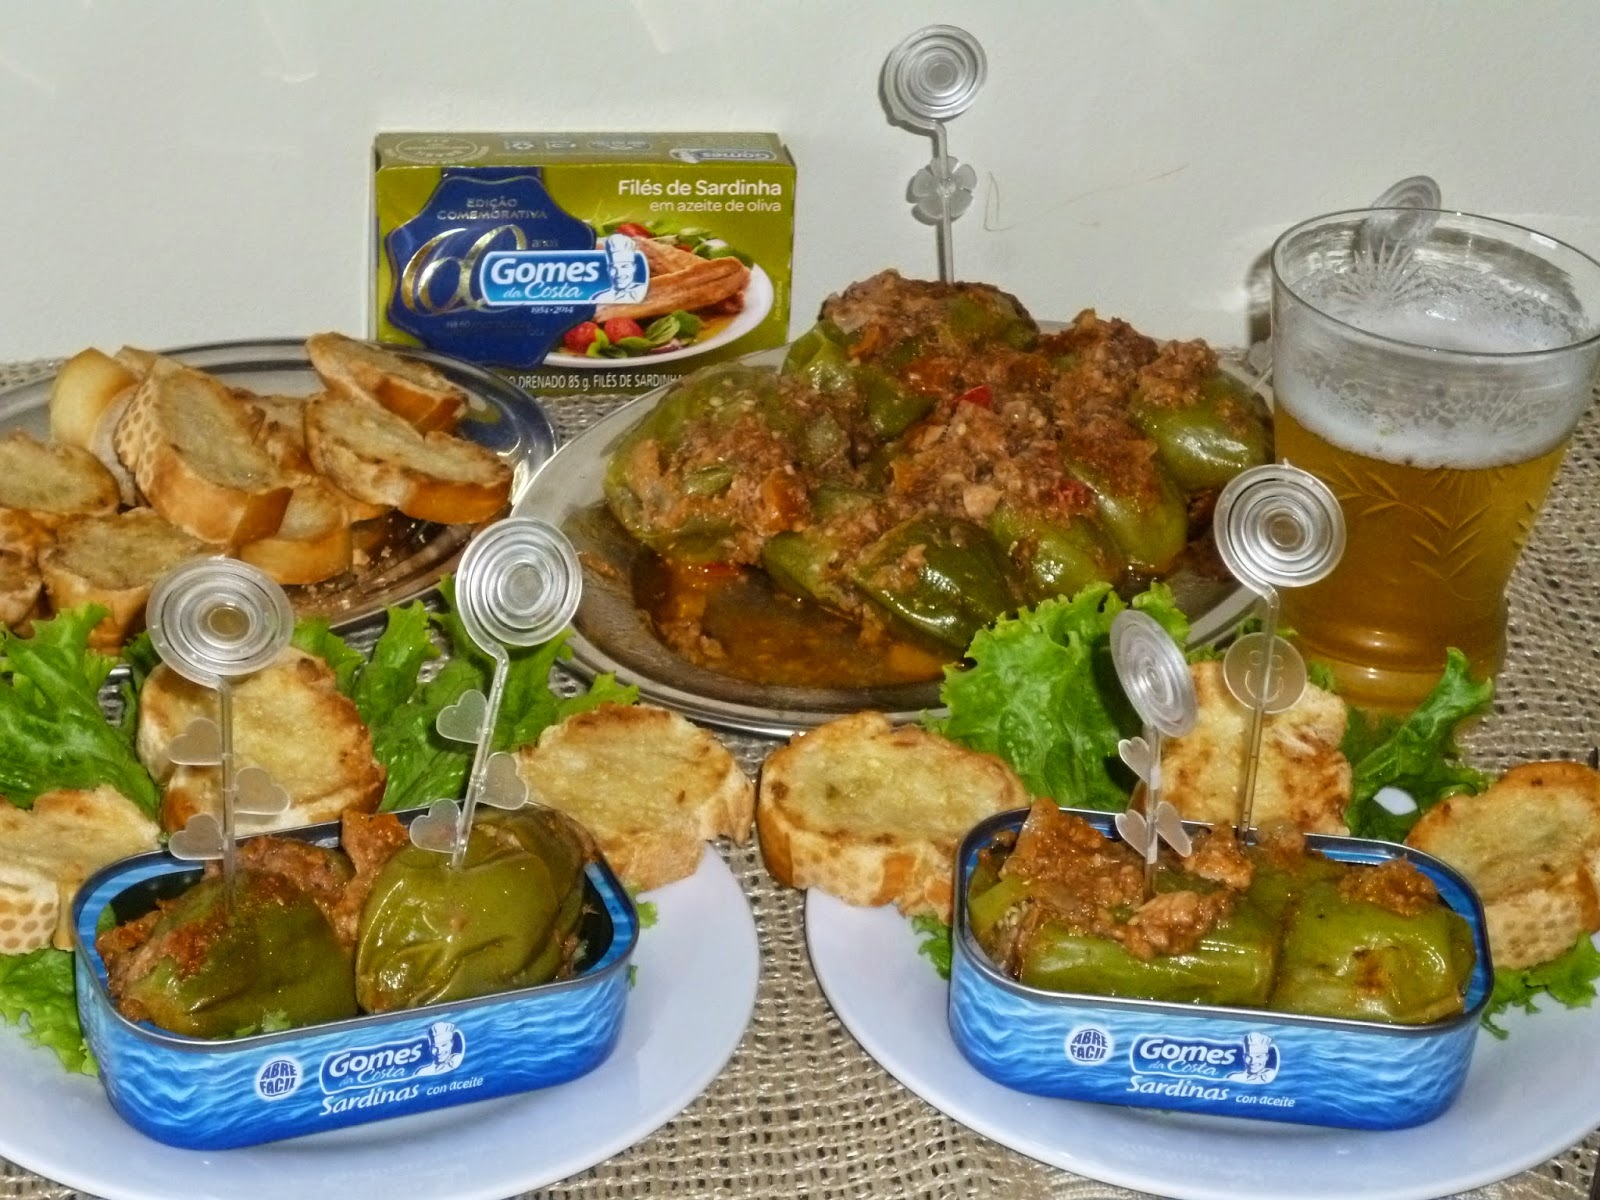 JILÓ RECHEADO COM SARDINHA EM LATA (aperitivo)